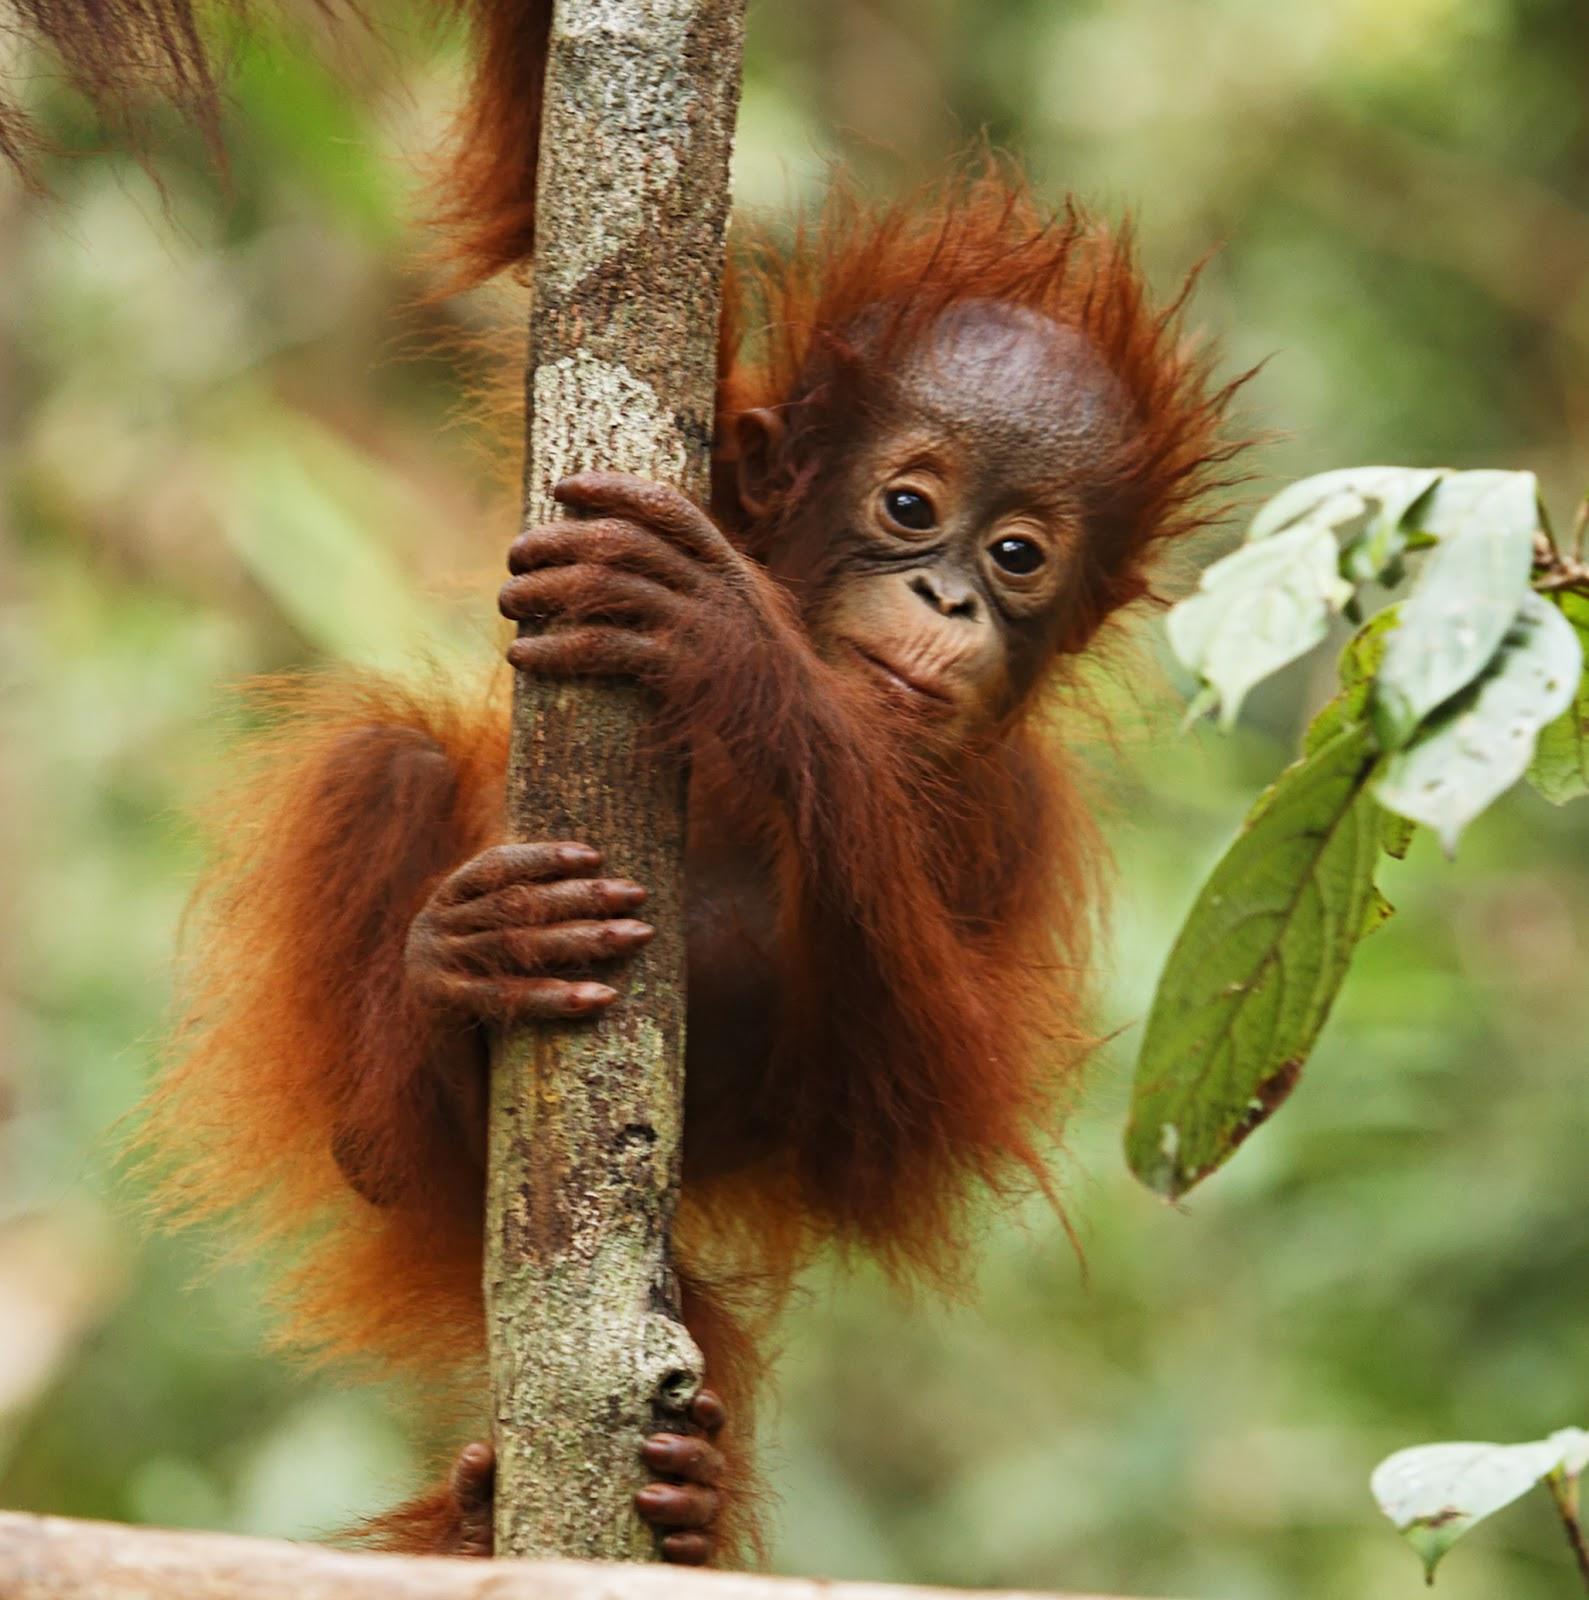 orangutan animal wildlife